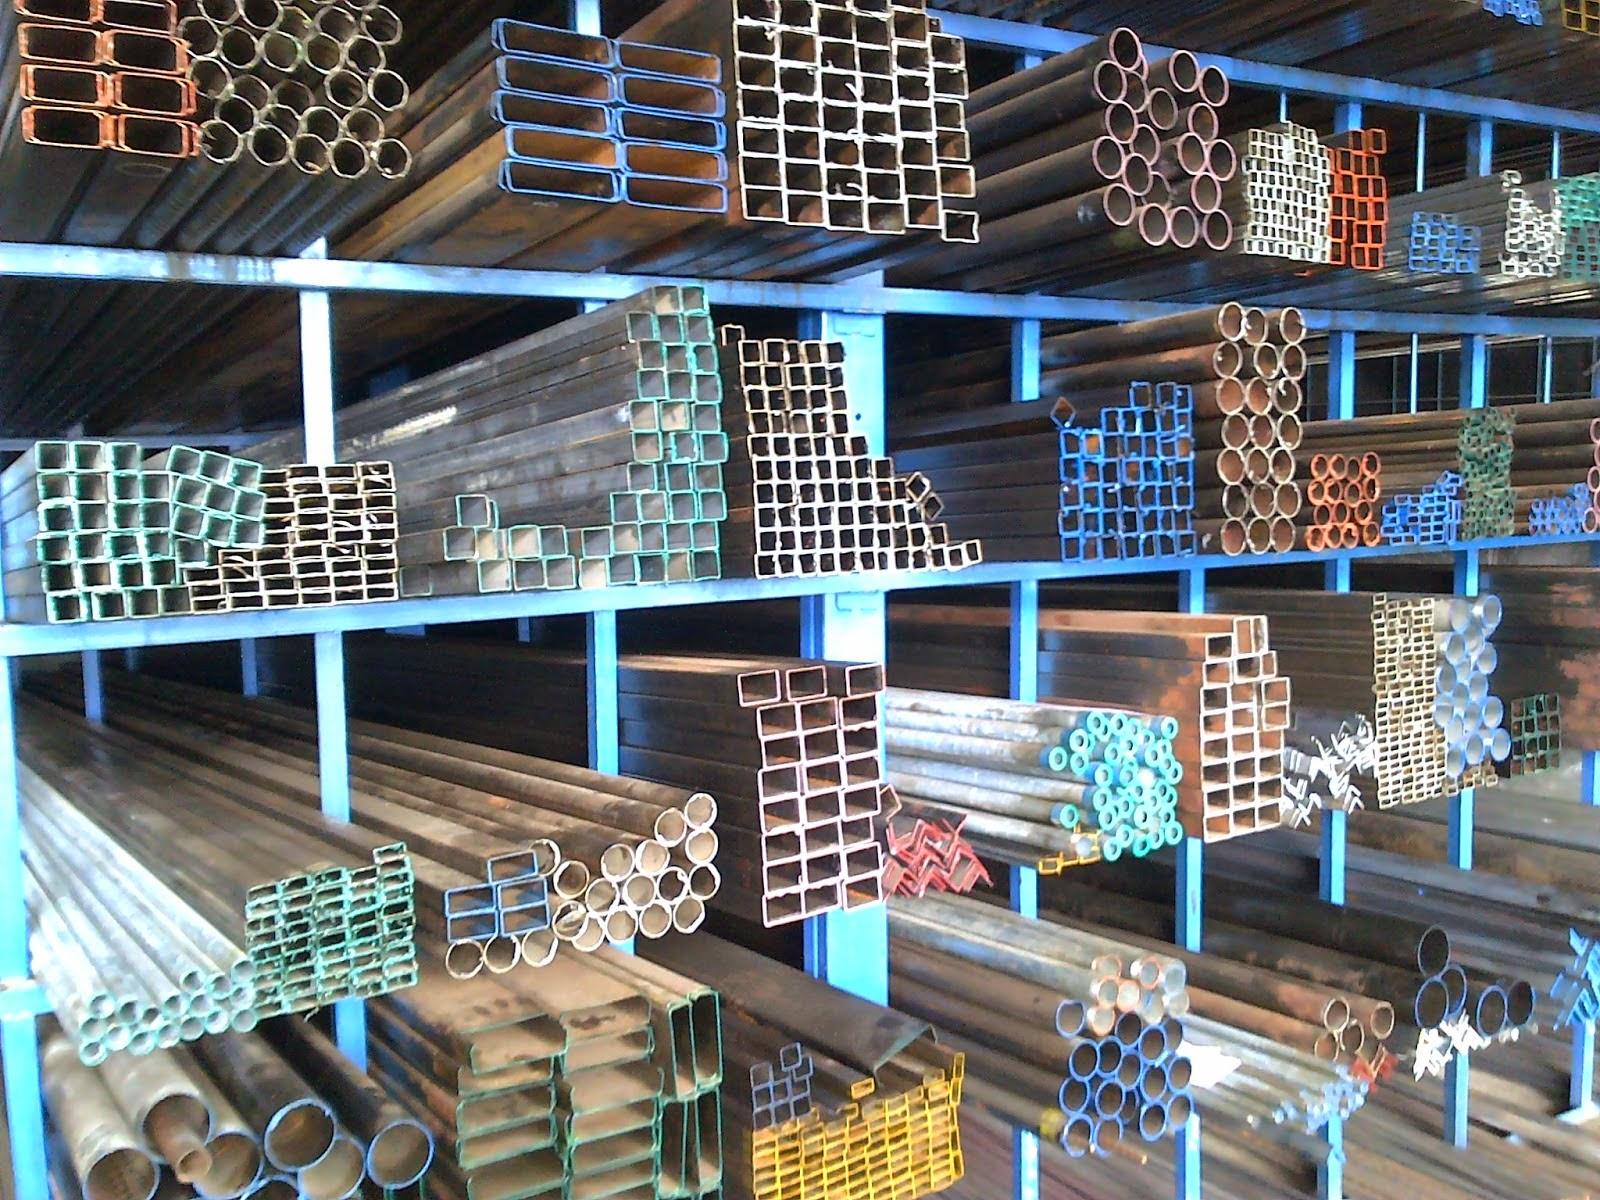 Besi dan Baja. Murah Harga Pabrik Kualitas Terbaik. distributor pagar brc, murah harga pabrik. Hot Dip Galvanis dan Elektroplating